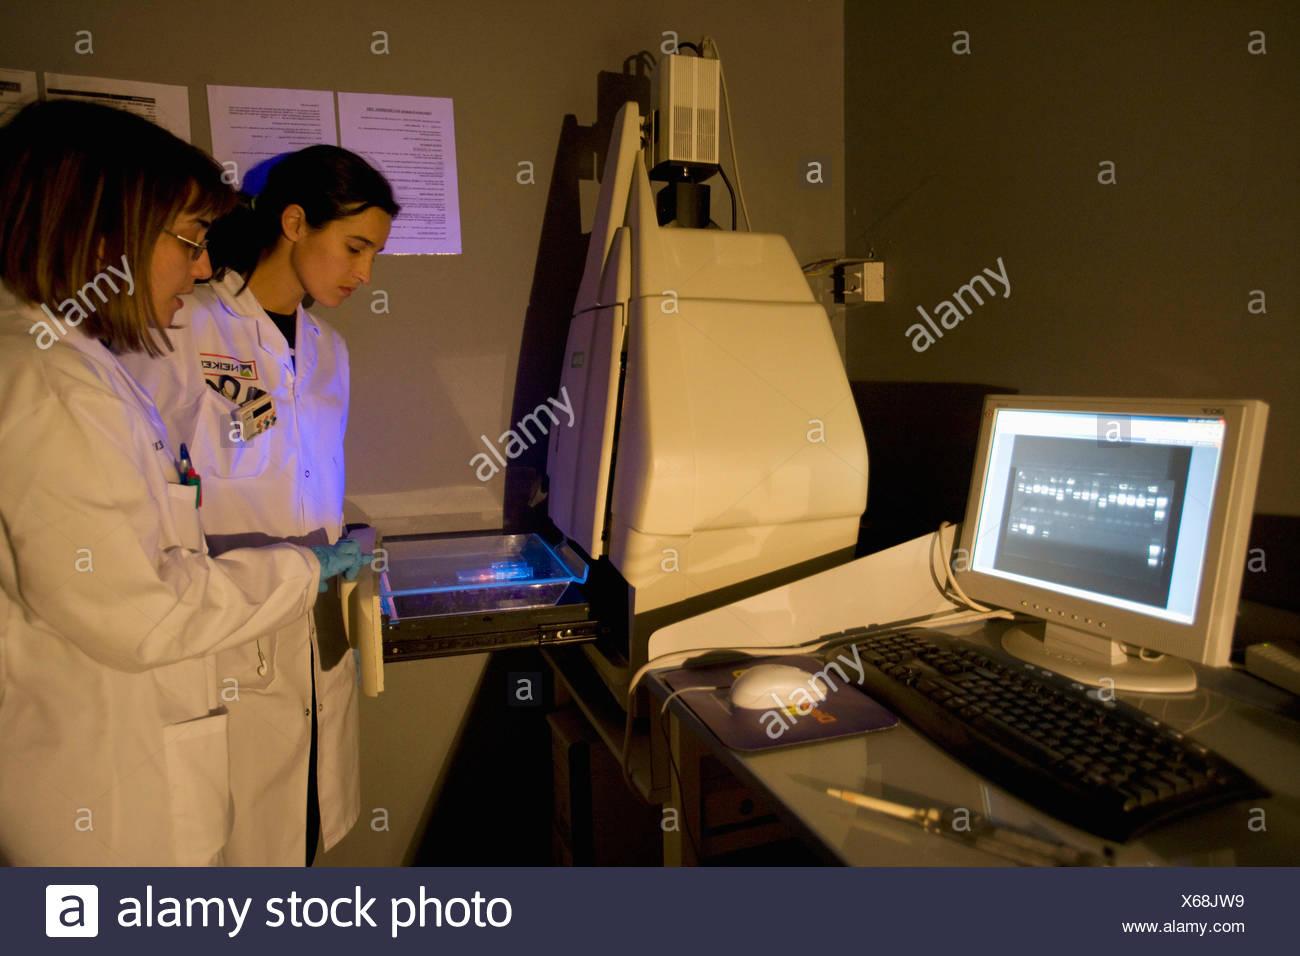 Transilluminateur UV pour la visualisation de l'électrophorèse sur gel d'Agarose. Chemidoc Système. Laboratoire de biotechnologie, Neiker Photo Stock